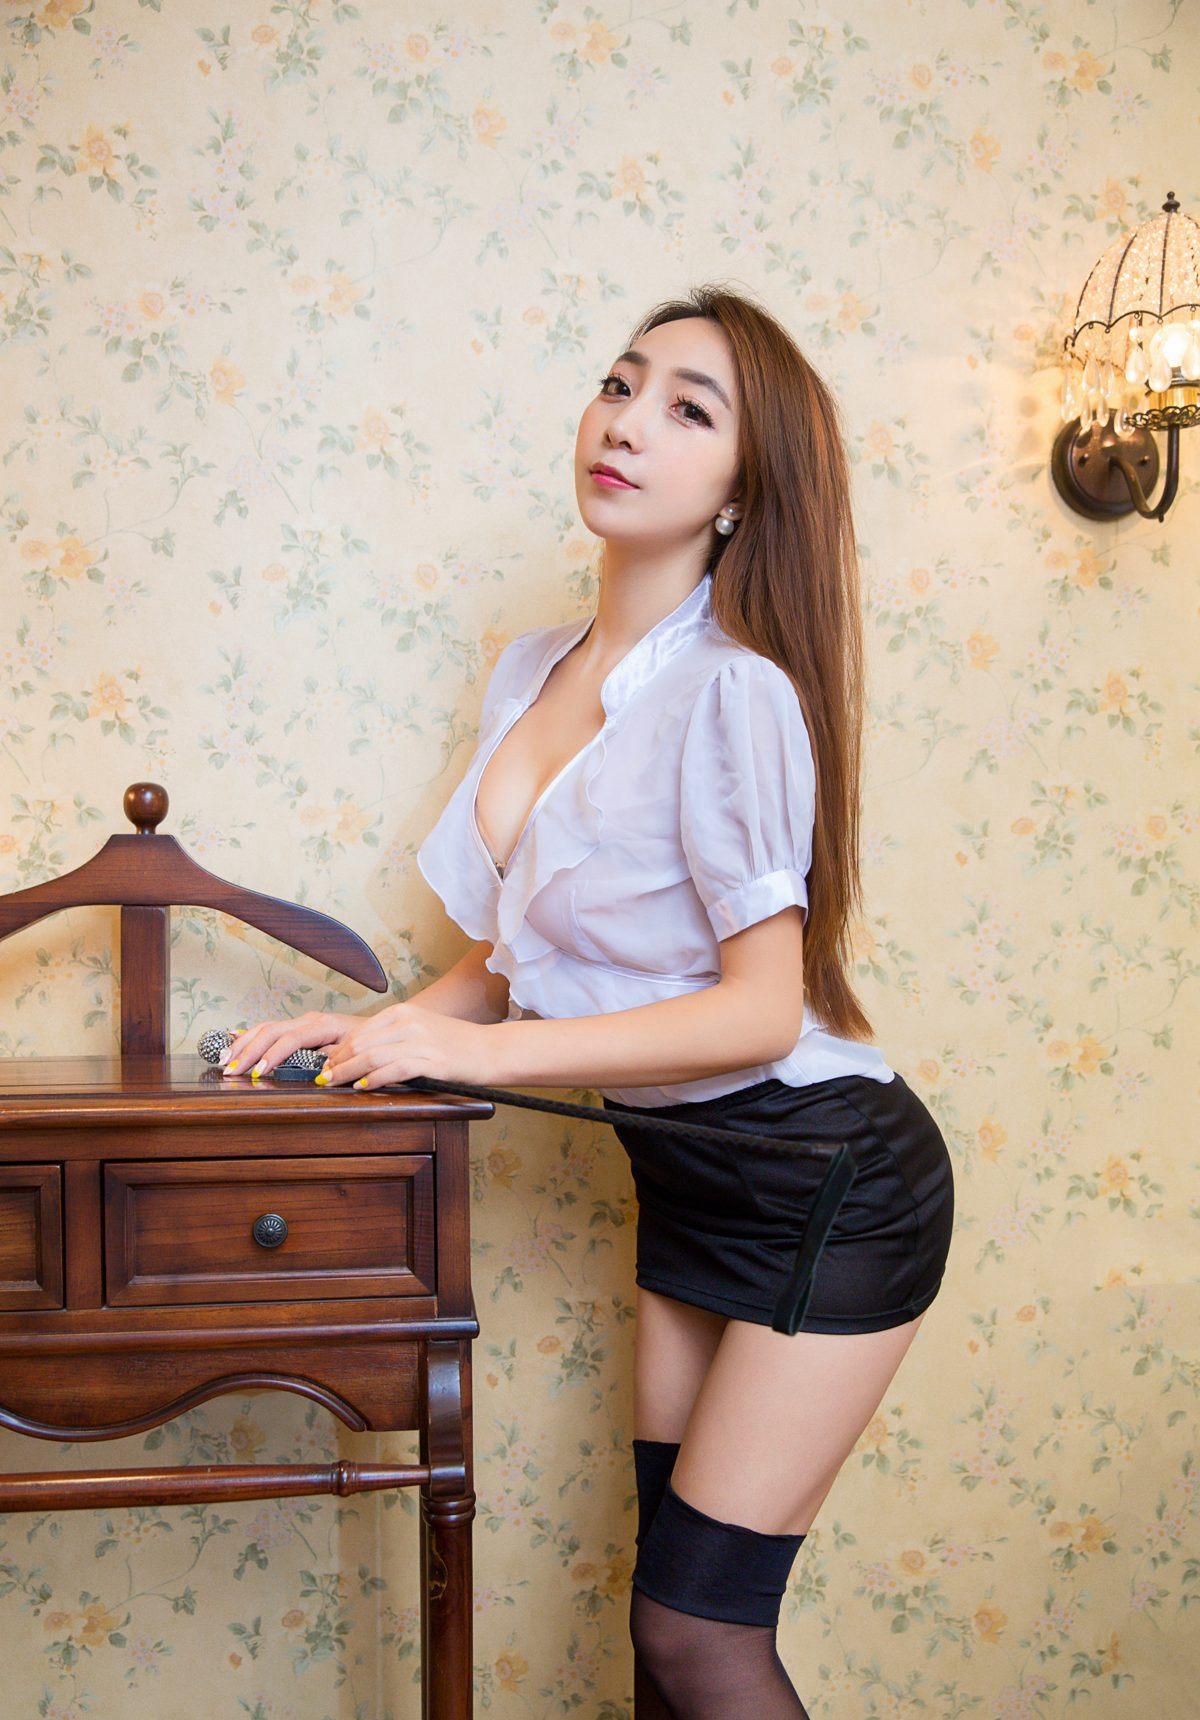 欧美黑丝制服_性感尤物黄歆苑黑丝美腿制服诱惑写真图片